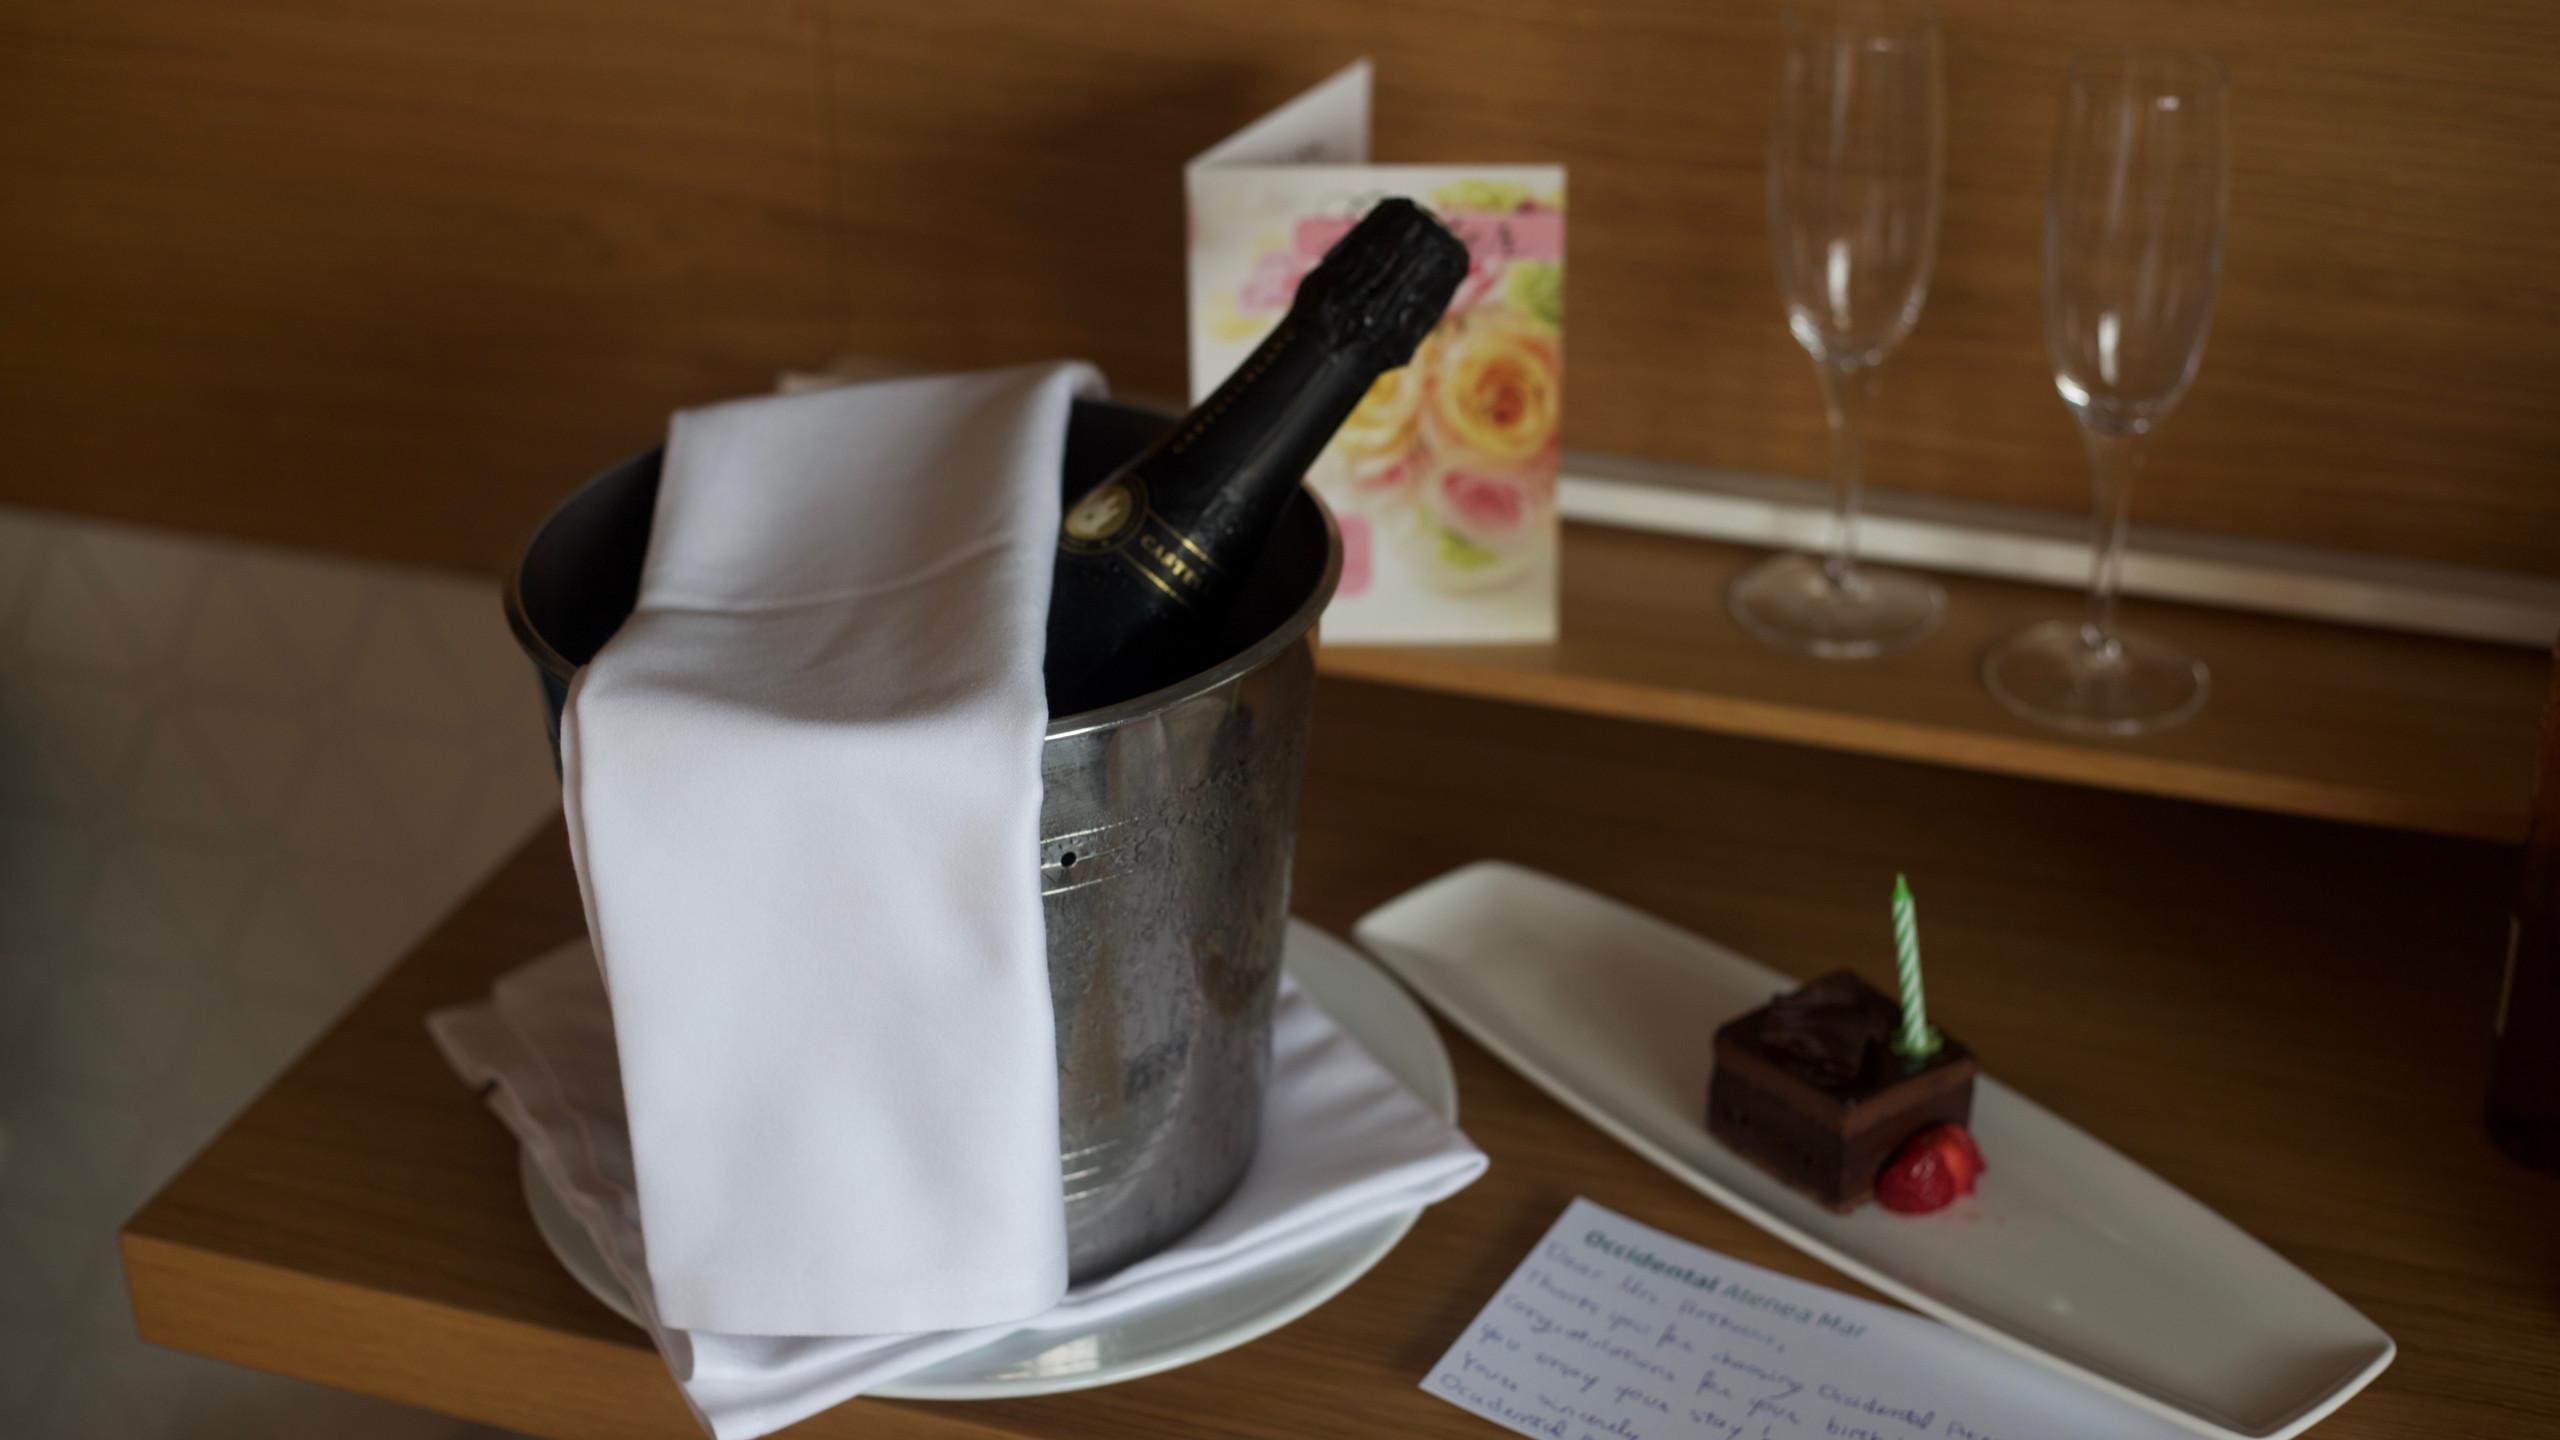 Hotel birthday gift